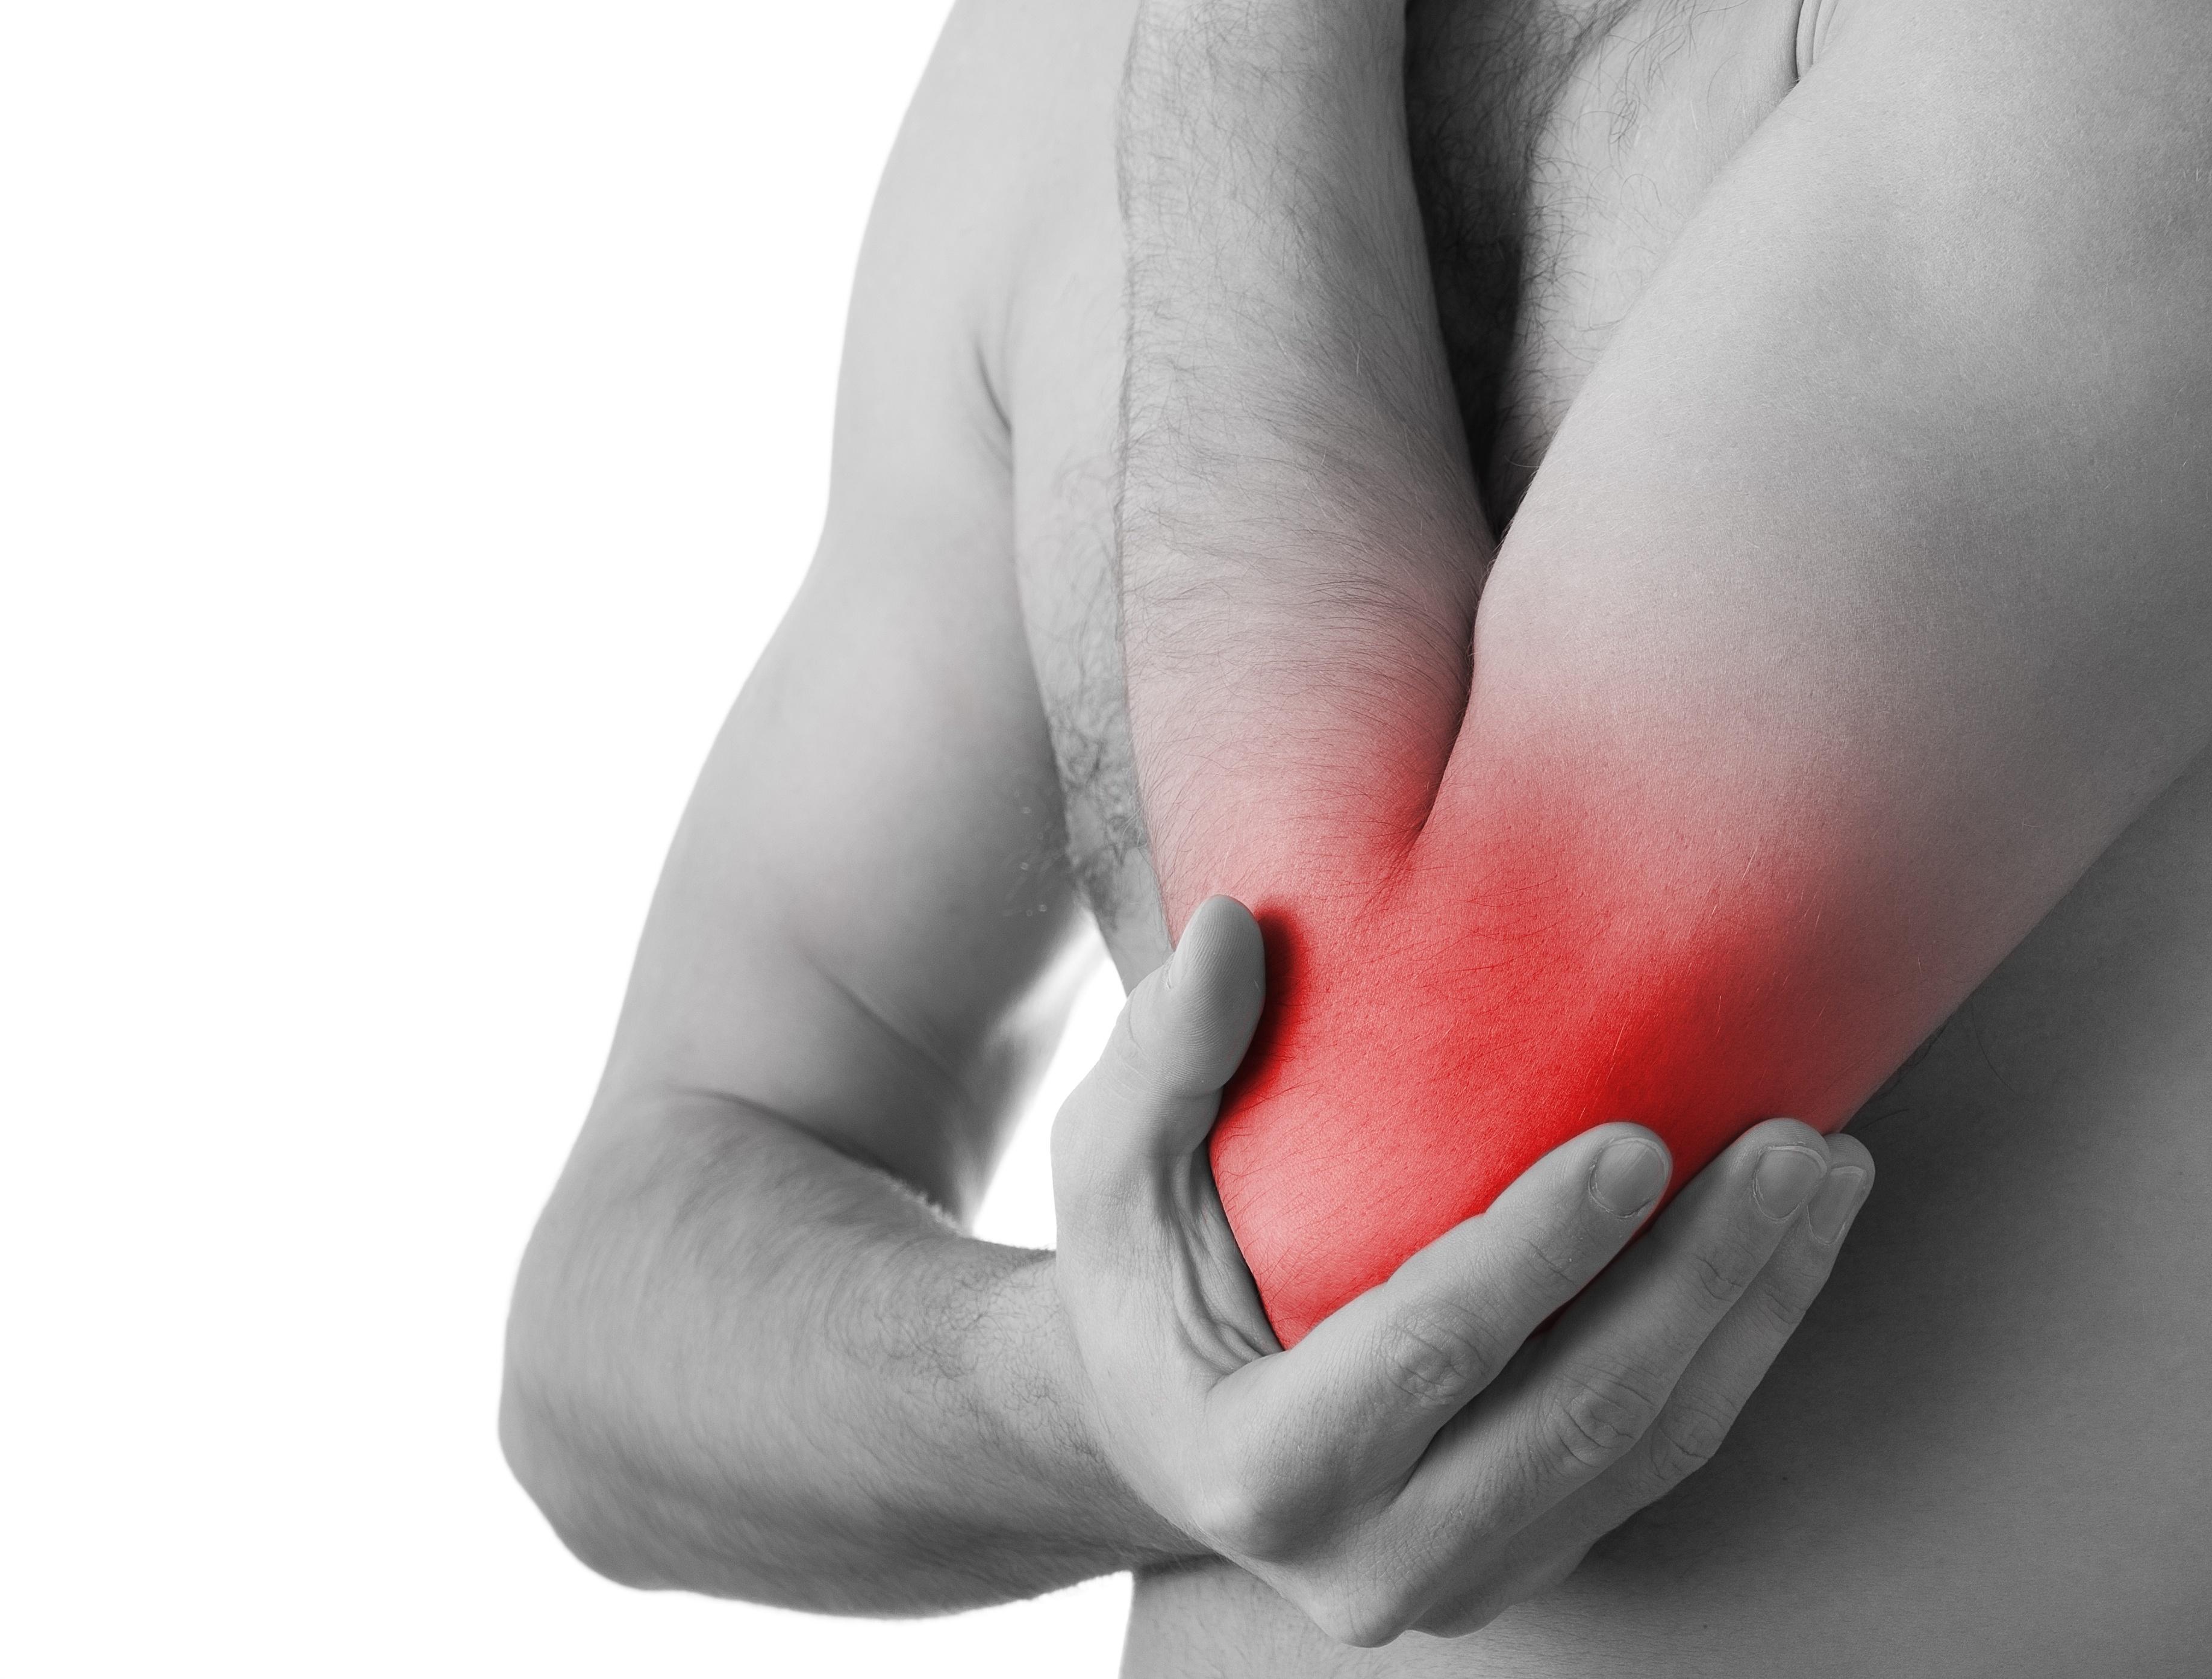 arthrosis osteoarthrosis hogyan kell kezelni csípőízületi fájdalom egy ropogással